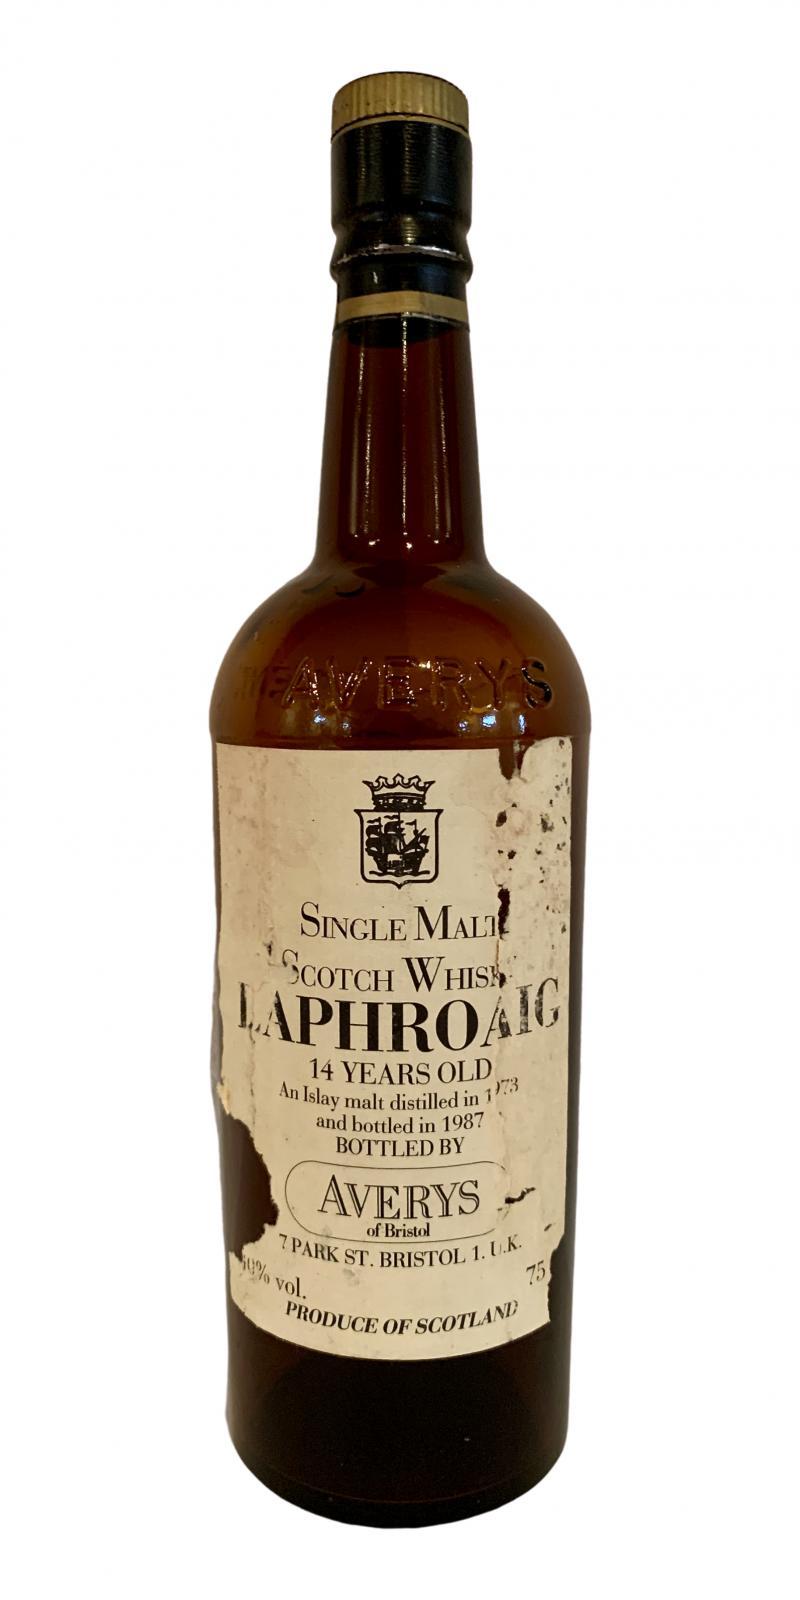 Laphroaig 1973 Av